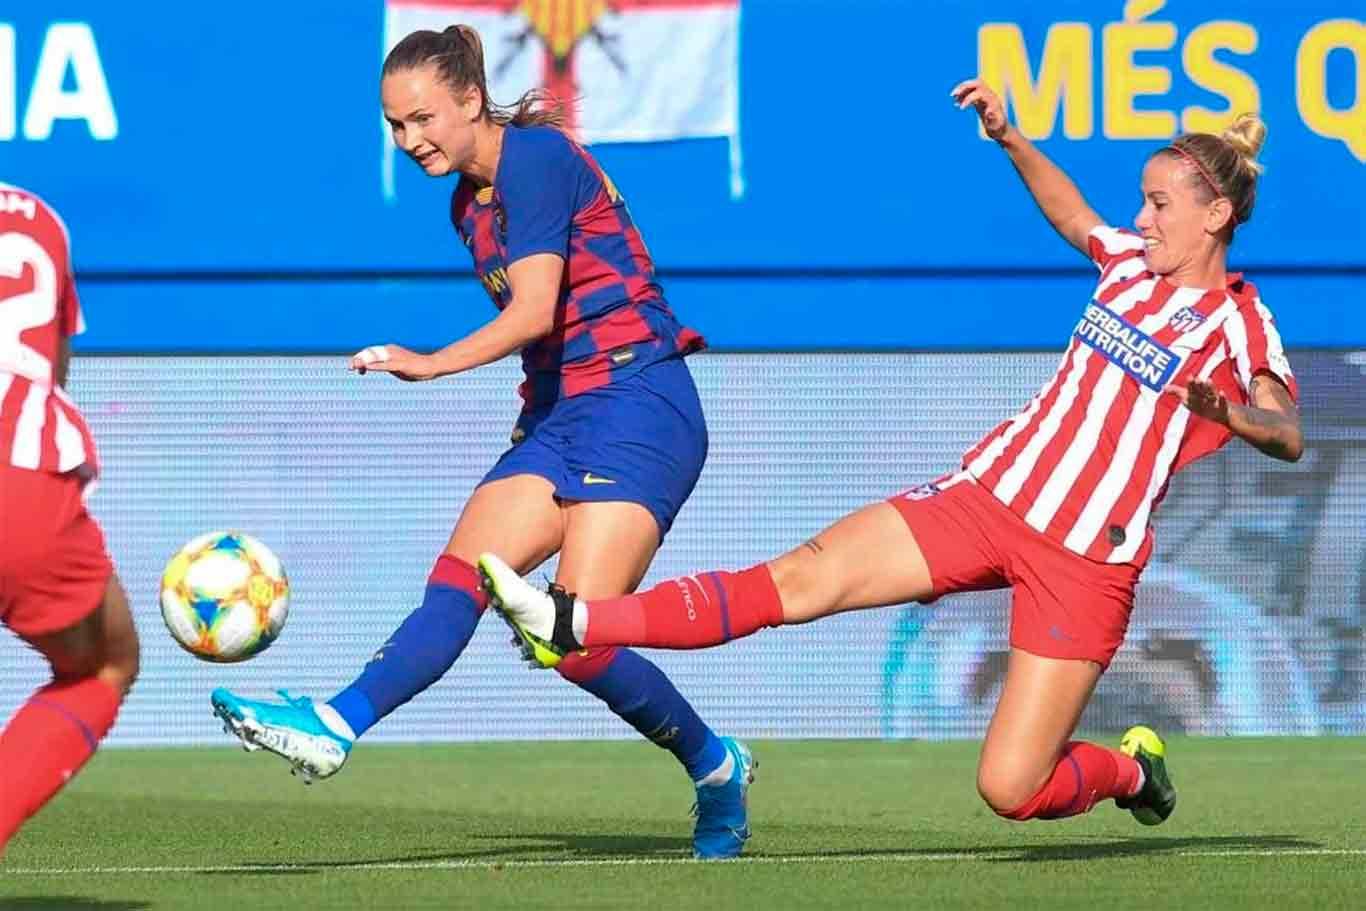 Champions League Femenina El Atletico Recibira Al Barca En Marzo En Alcala Dream Alcala